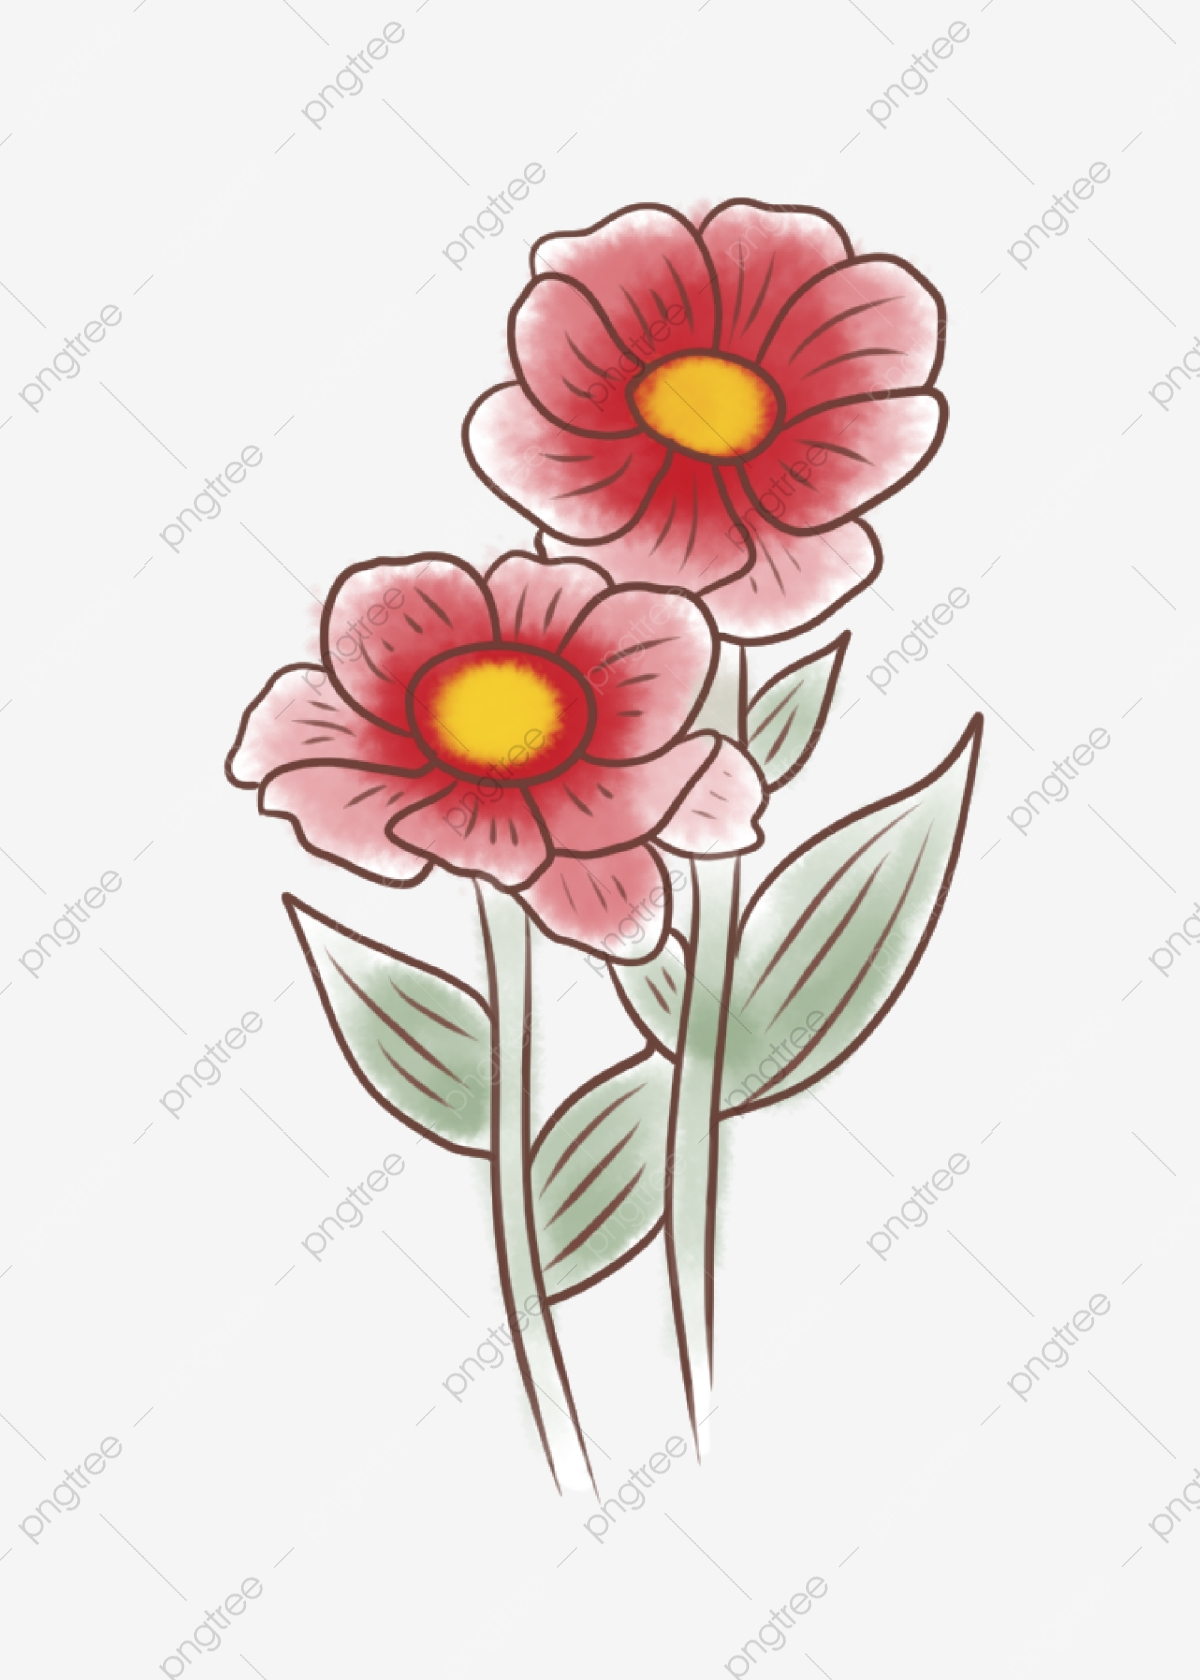 Two Flower Clip Art